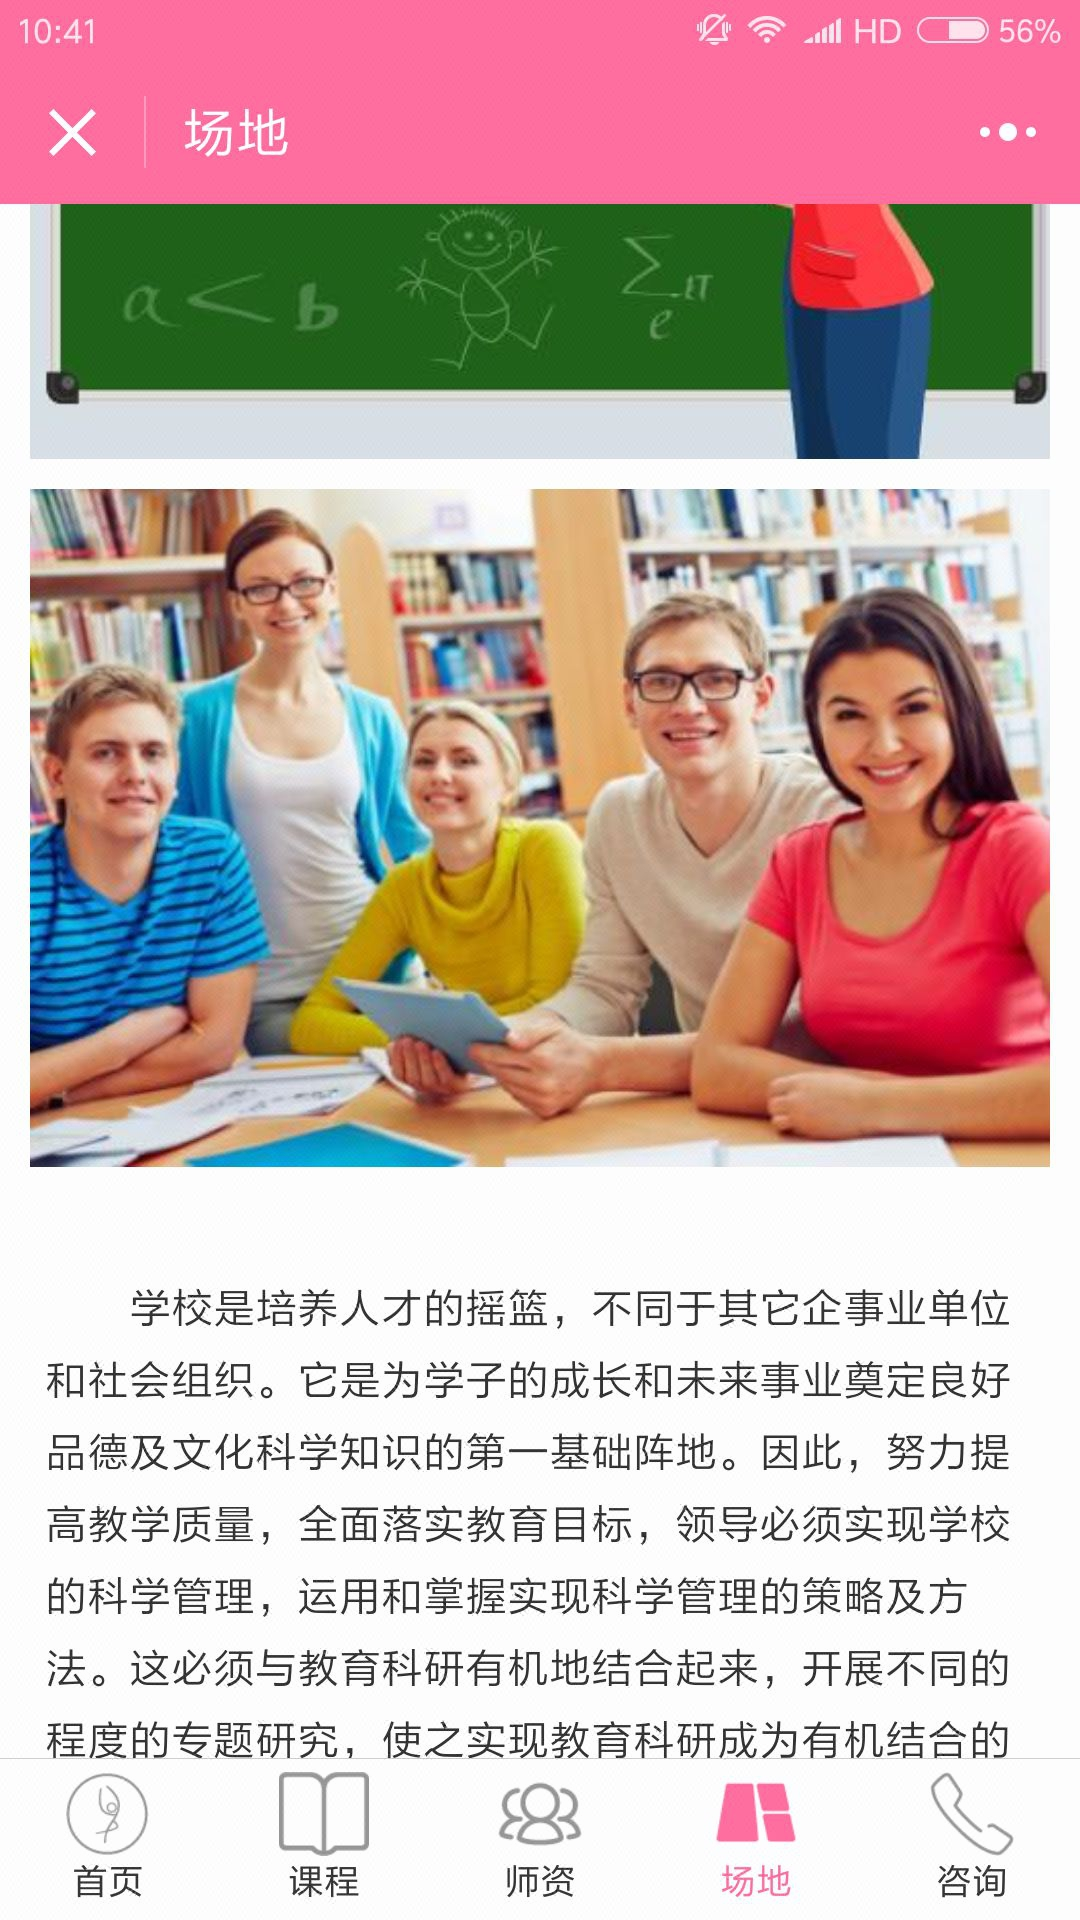 培训教育小程序|小程序开发|教育行业|培训|课程